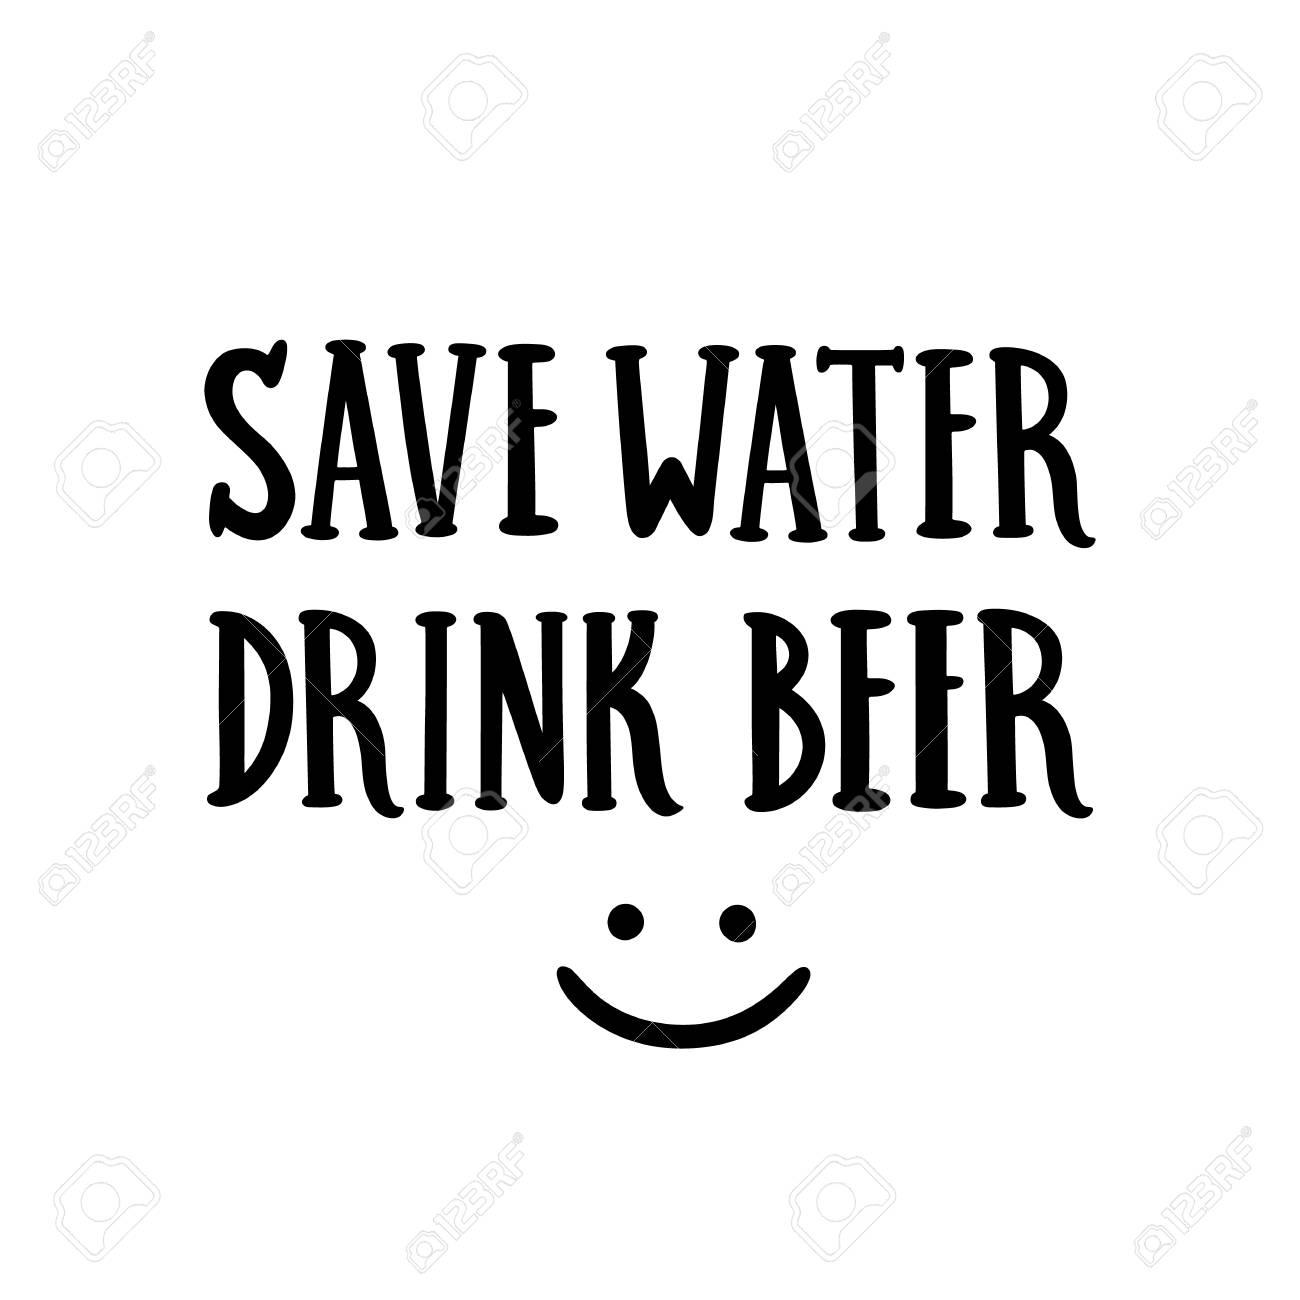 Inscricao Economize Agua Beba Cerveja Mao Desenho Da Tinta